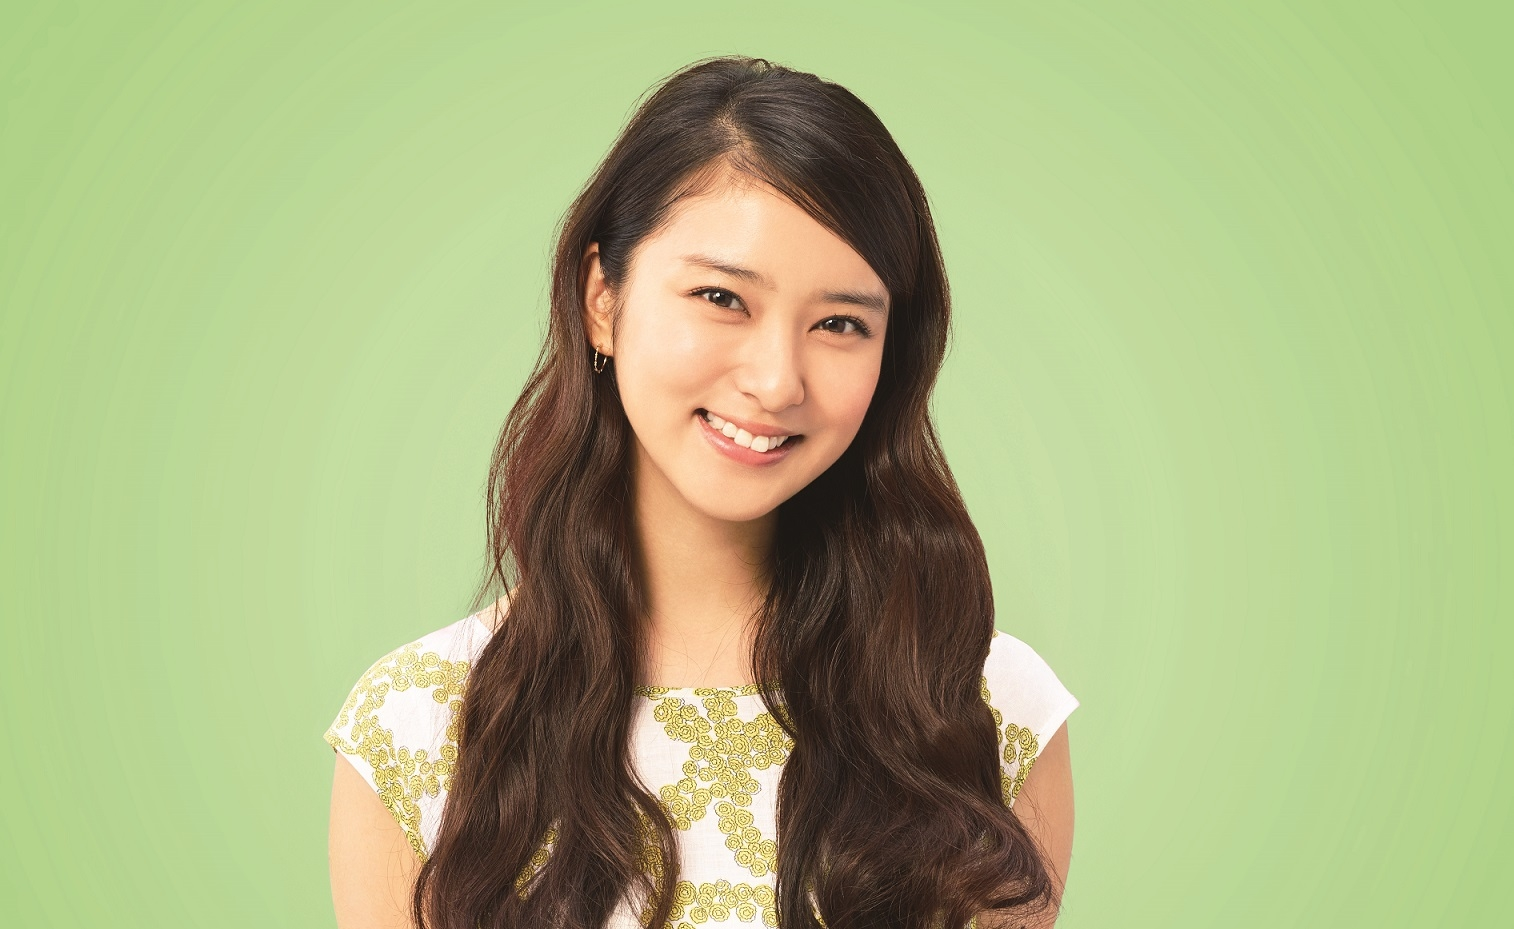 クローバー沙耶役の武井咲さんの可愛さ